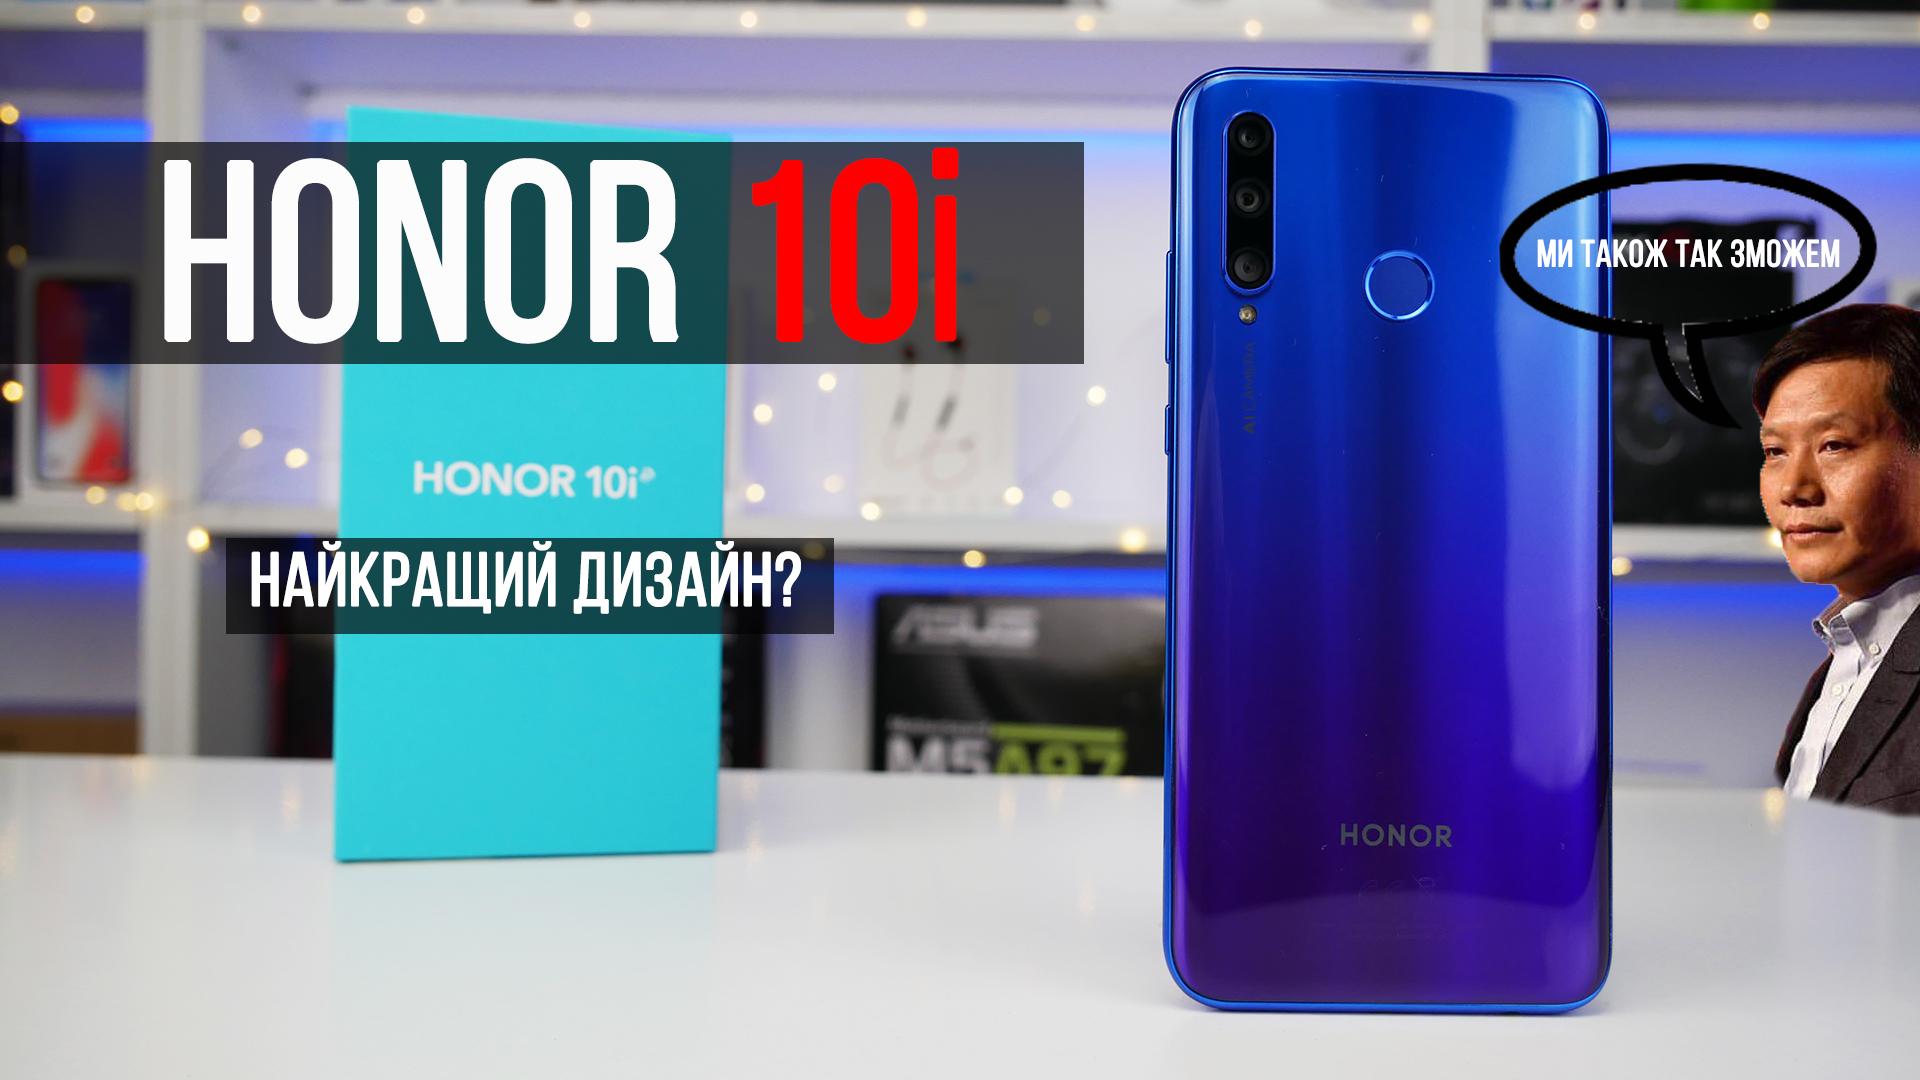 791c5c3d4c07e Всім привіт, сьогодні з вами поговоримо про смартфон від бренду Honor який  мені вдалось дістати одним з перших, а саме модель Honor 10i скажу одразу  ...